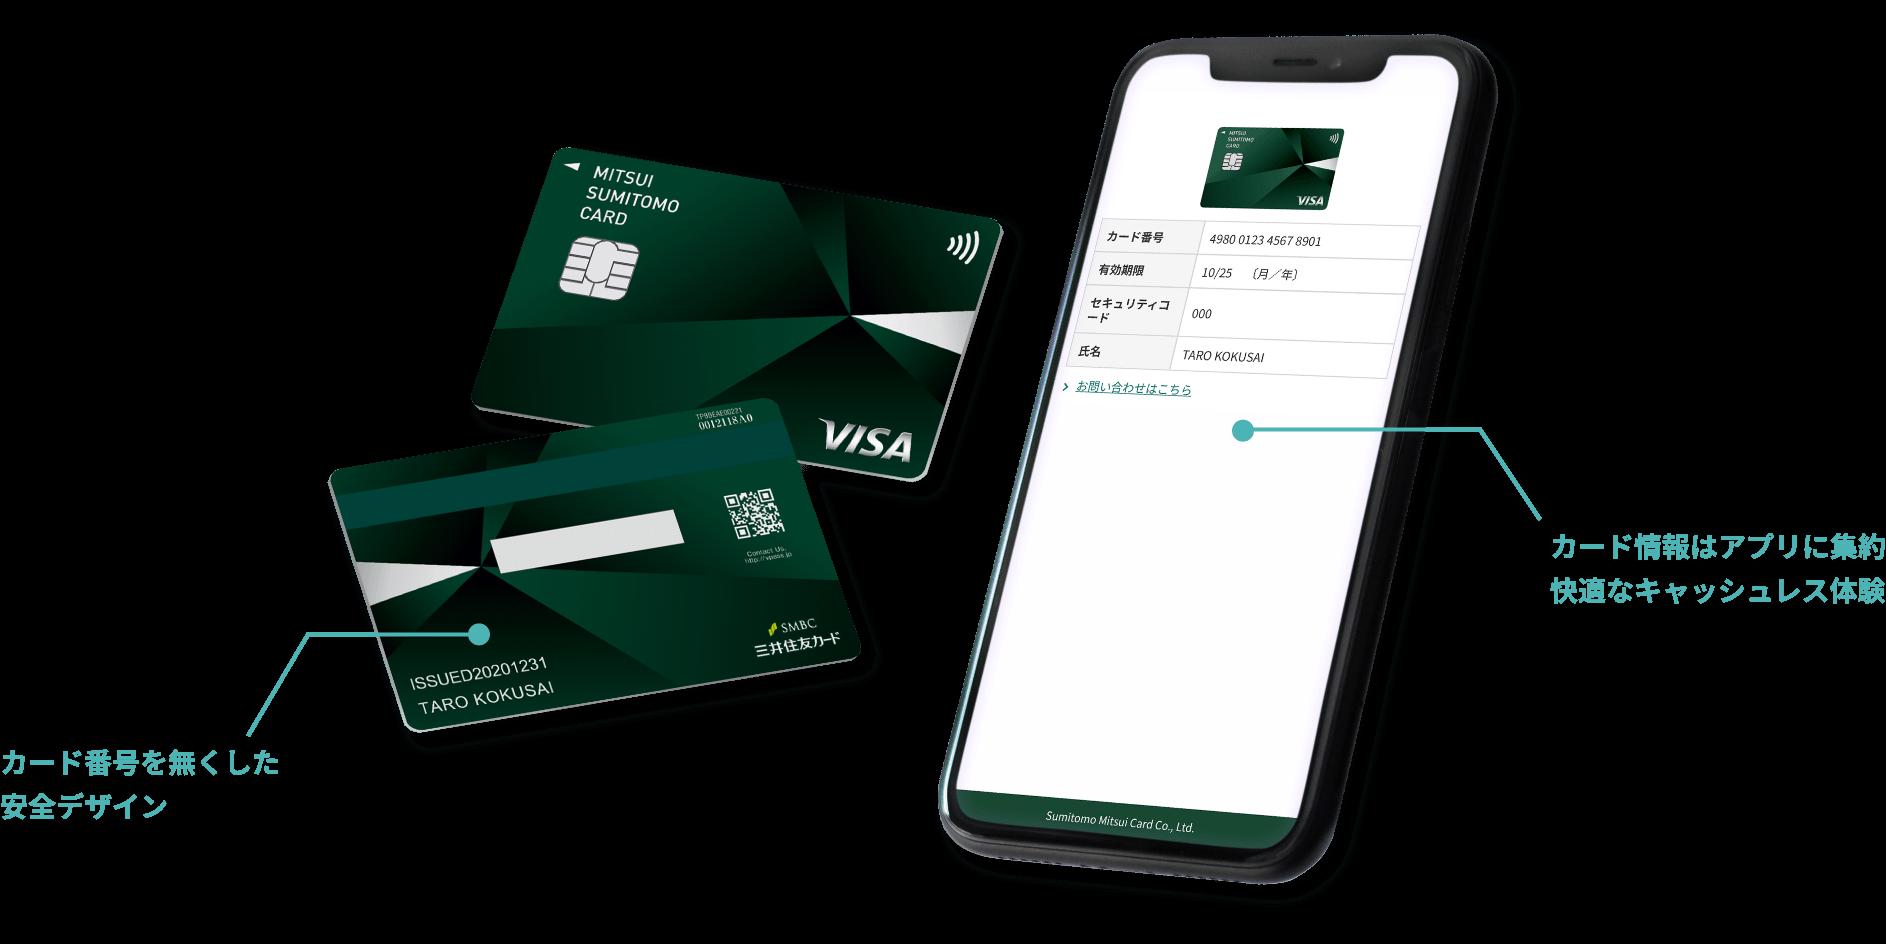 三井住友カード(NL)のアプリ